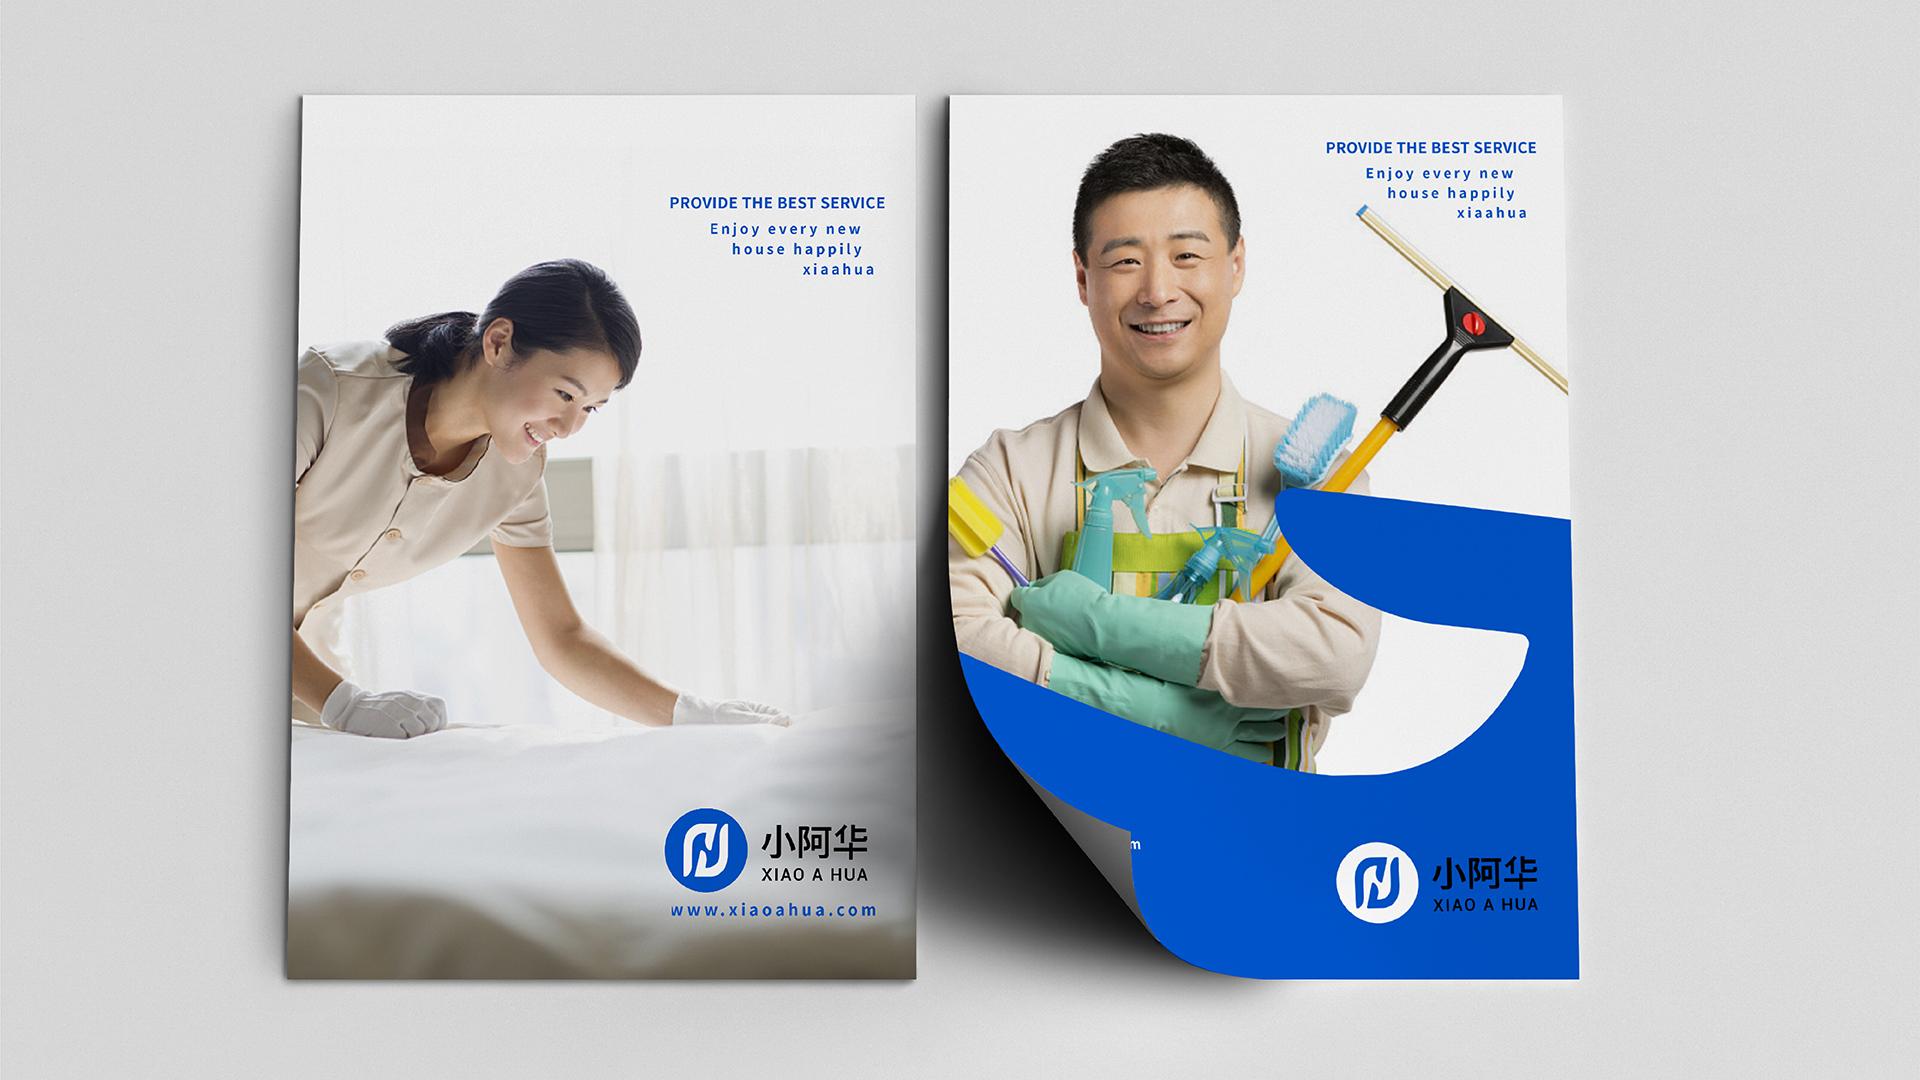 小阿华健康家政VI系统海报设计